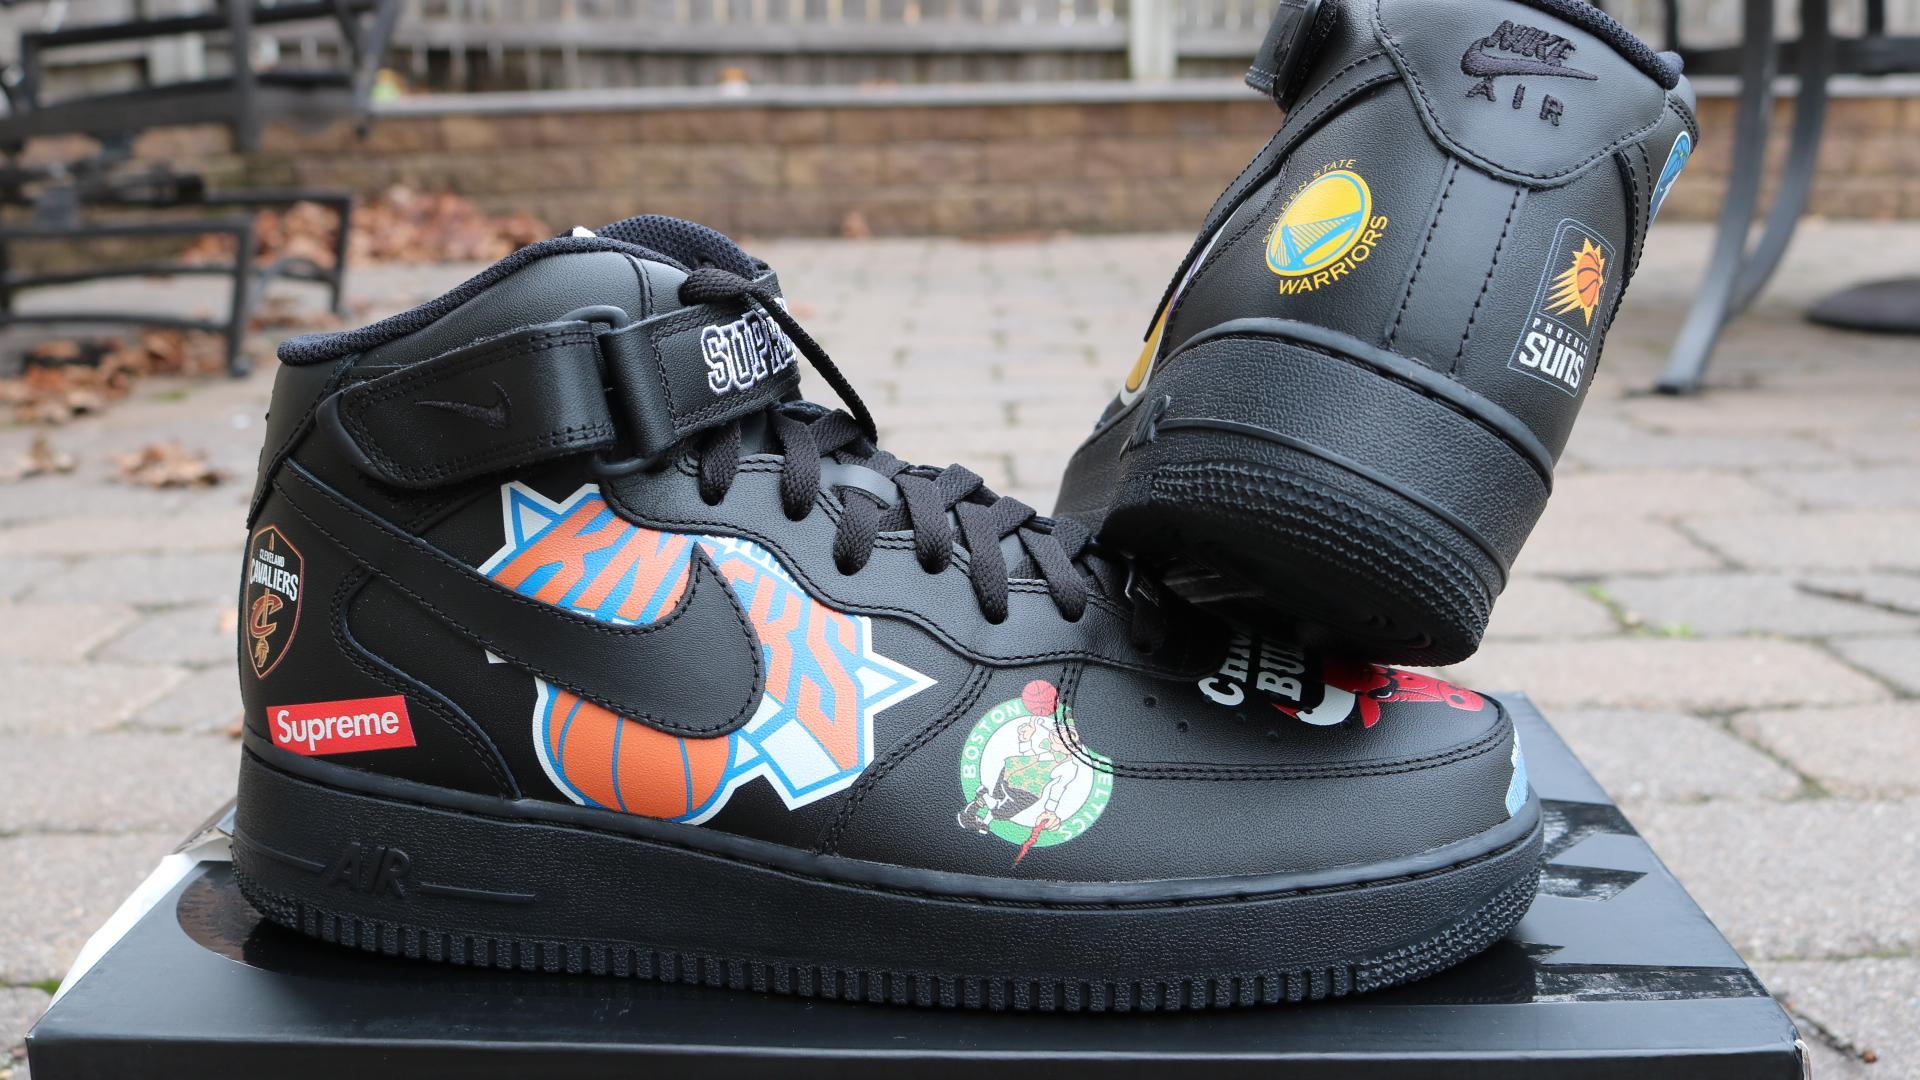 Supreme X Nike Af1 Nba Teams Black